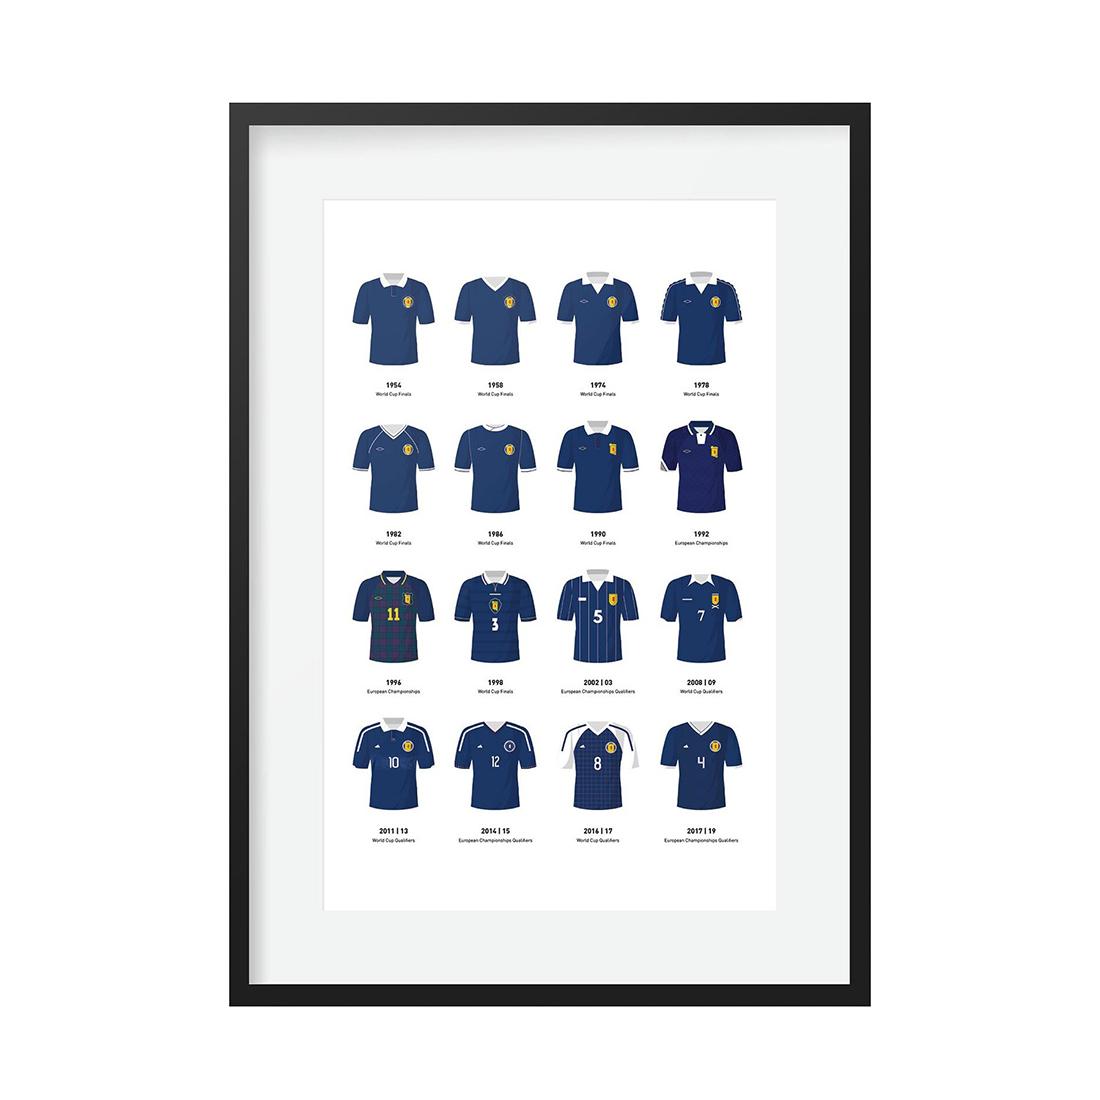 scotland-classic-kits-football-team-print_1920x.jpg